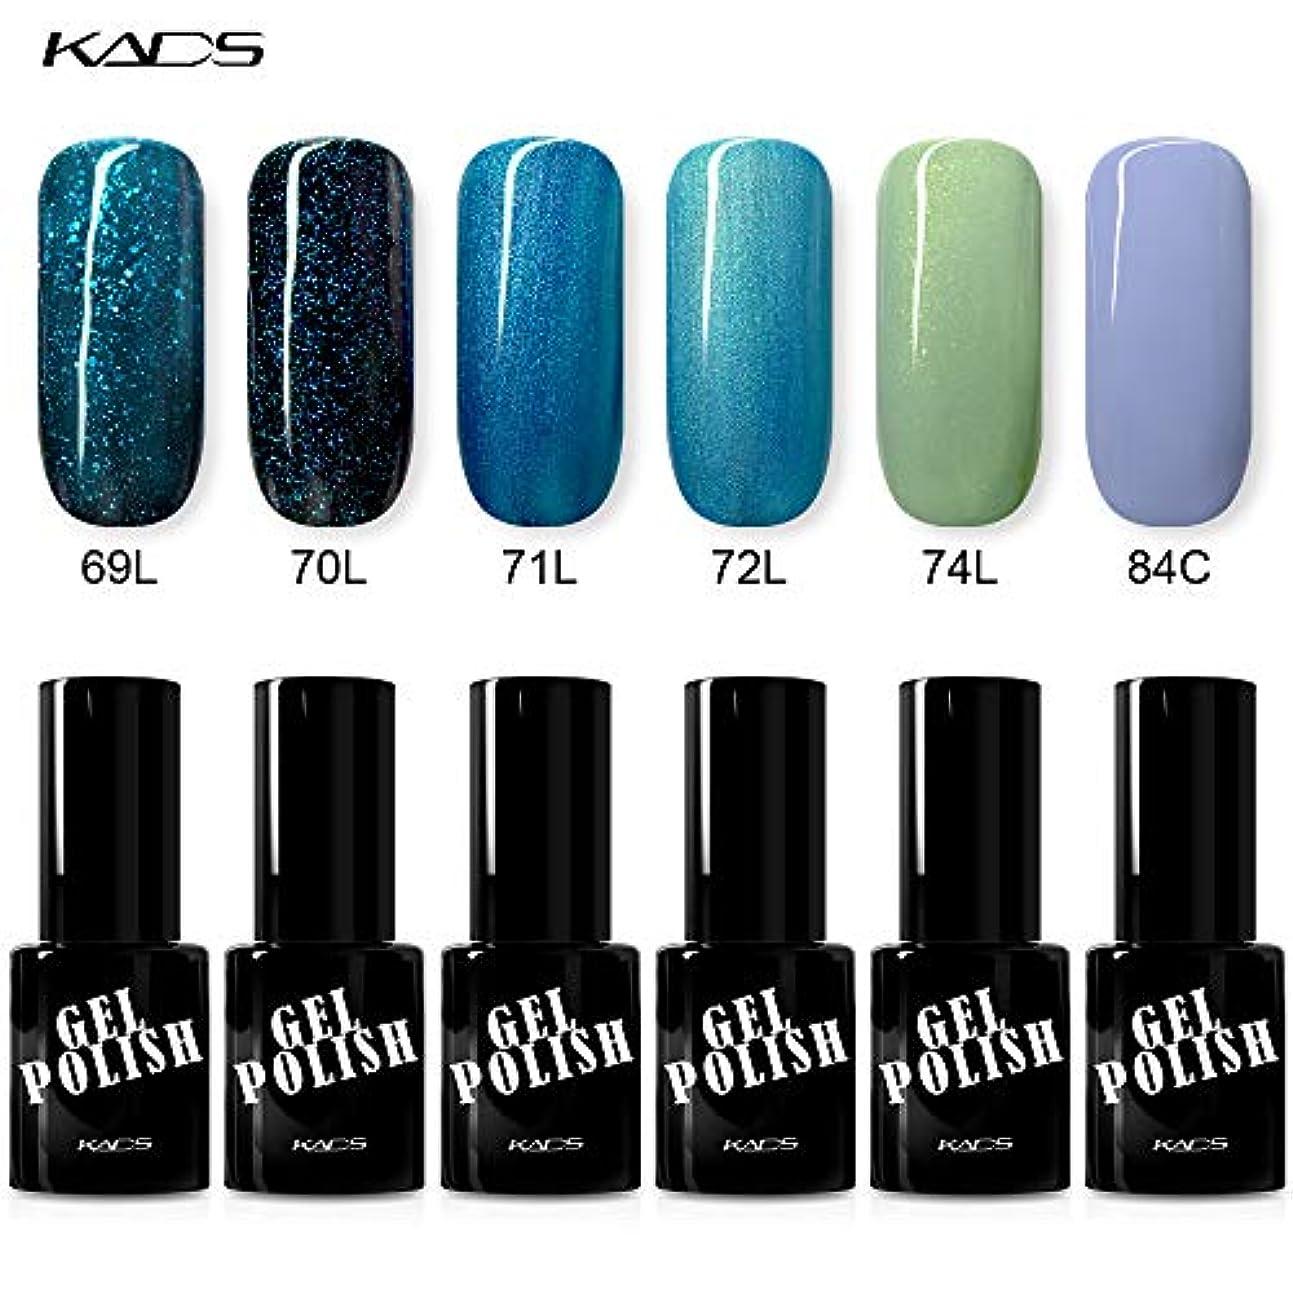 虫昆虫趣味KADS ネイルカラーポリッシュ ラメ入りジェル 6色セット グリーン?ブルー系 キラキラ目 UV?LED対応